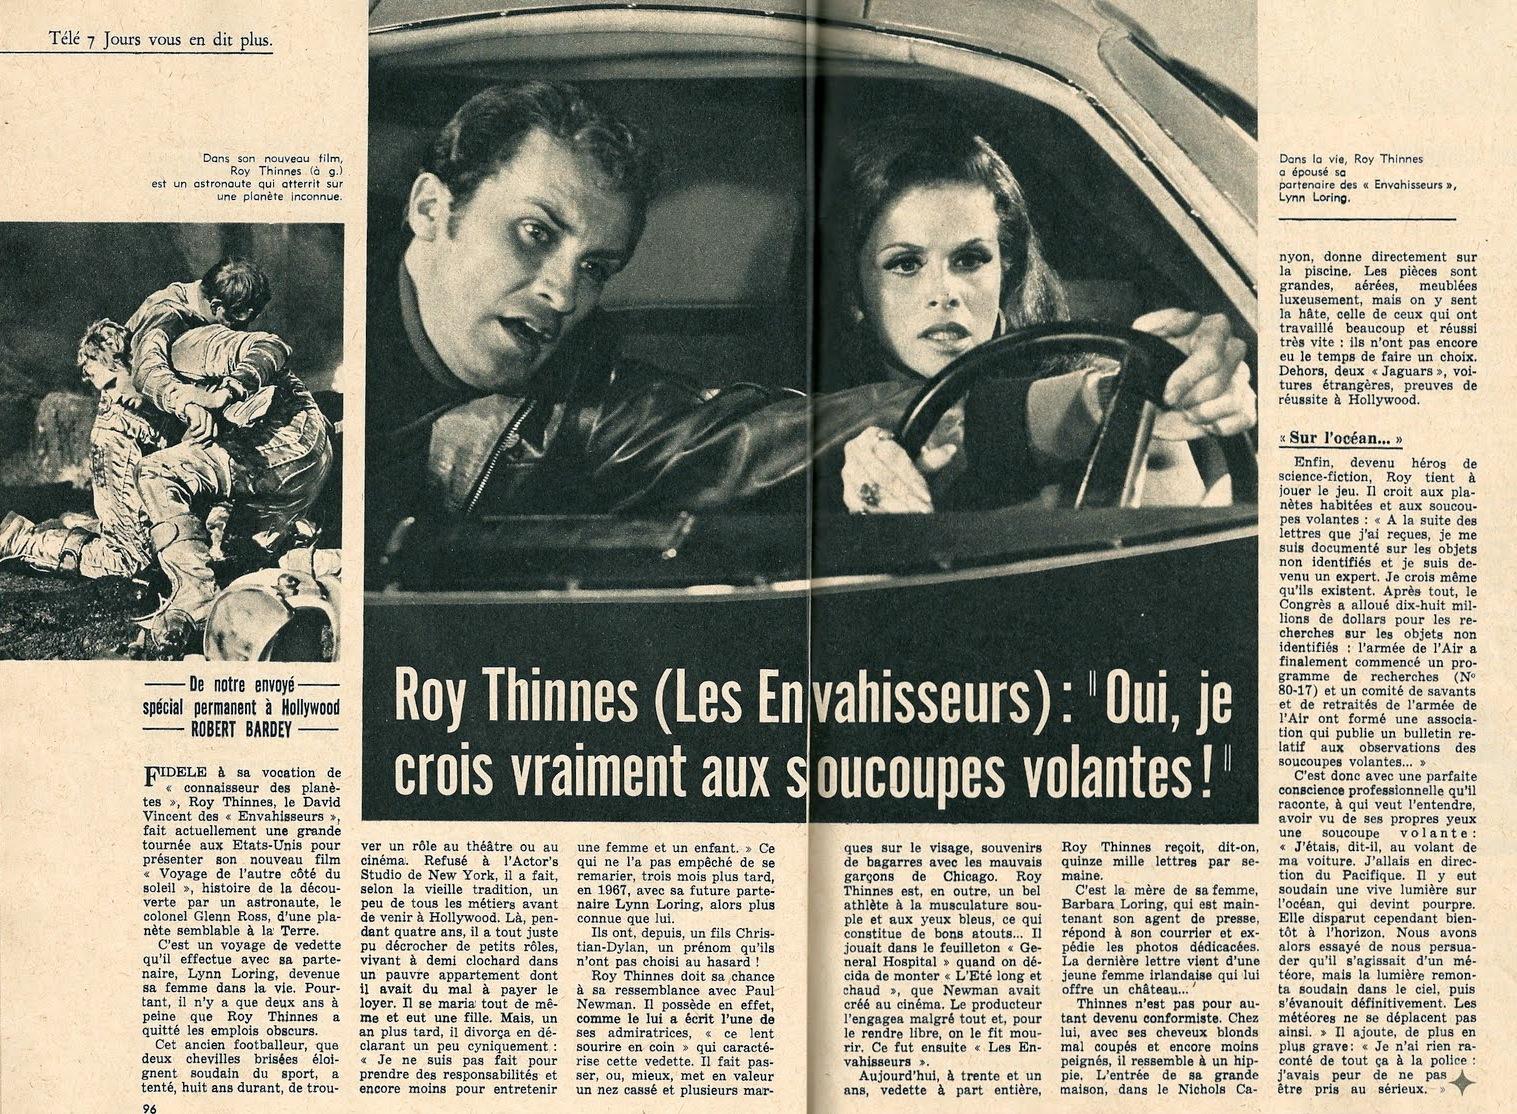 http://grenierdelatv.free.fr/Envahisseurst7j491sept196902.jpg